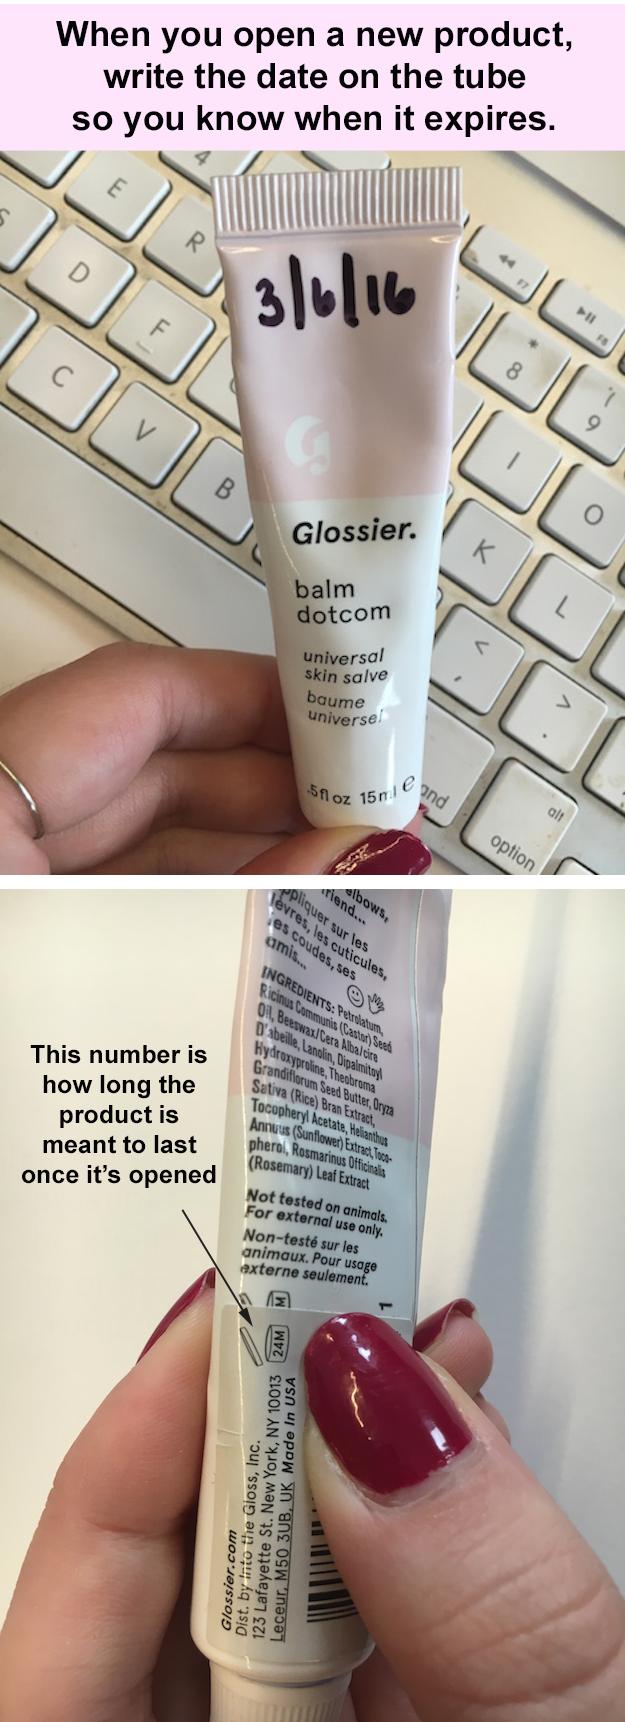 """""""Cuando abras un nuevo producto, escribe la fecha sobre él para saber cuándo es que expira""""."""